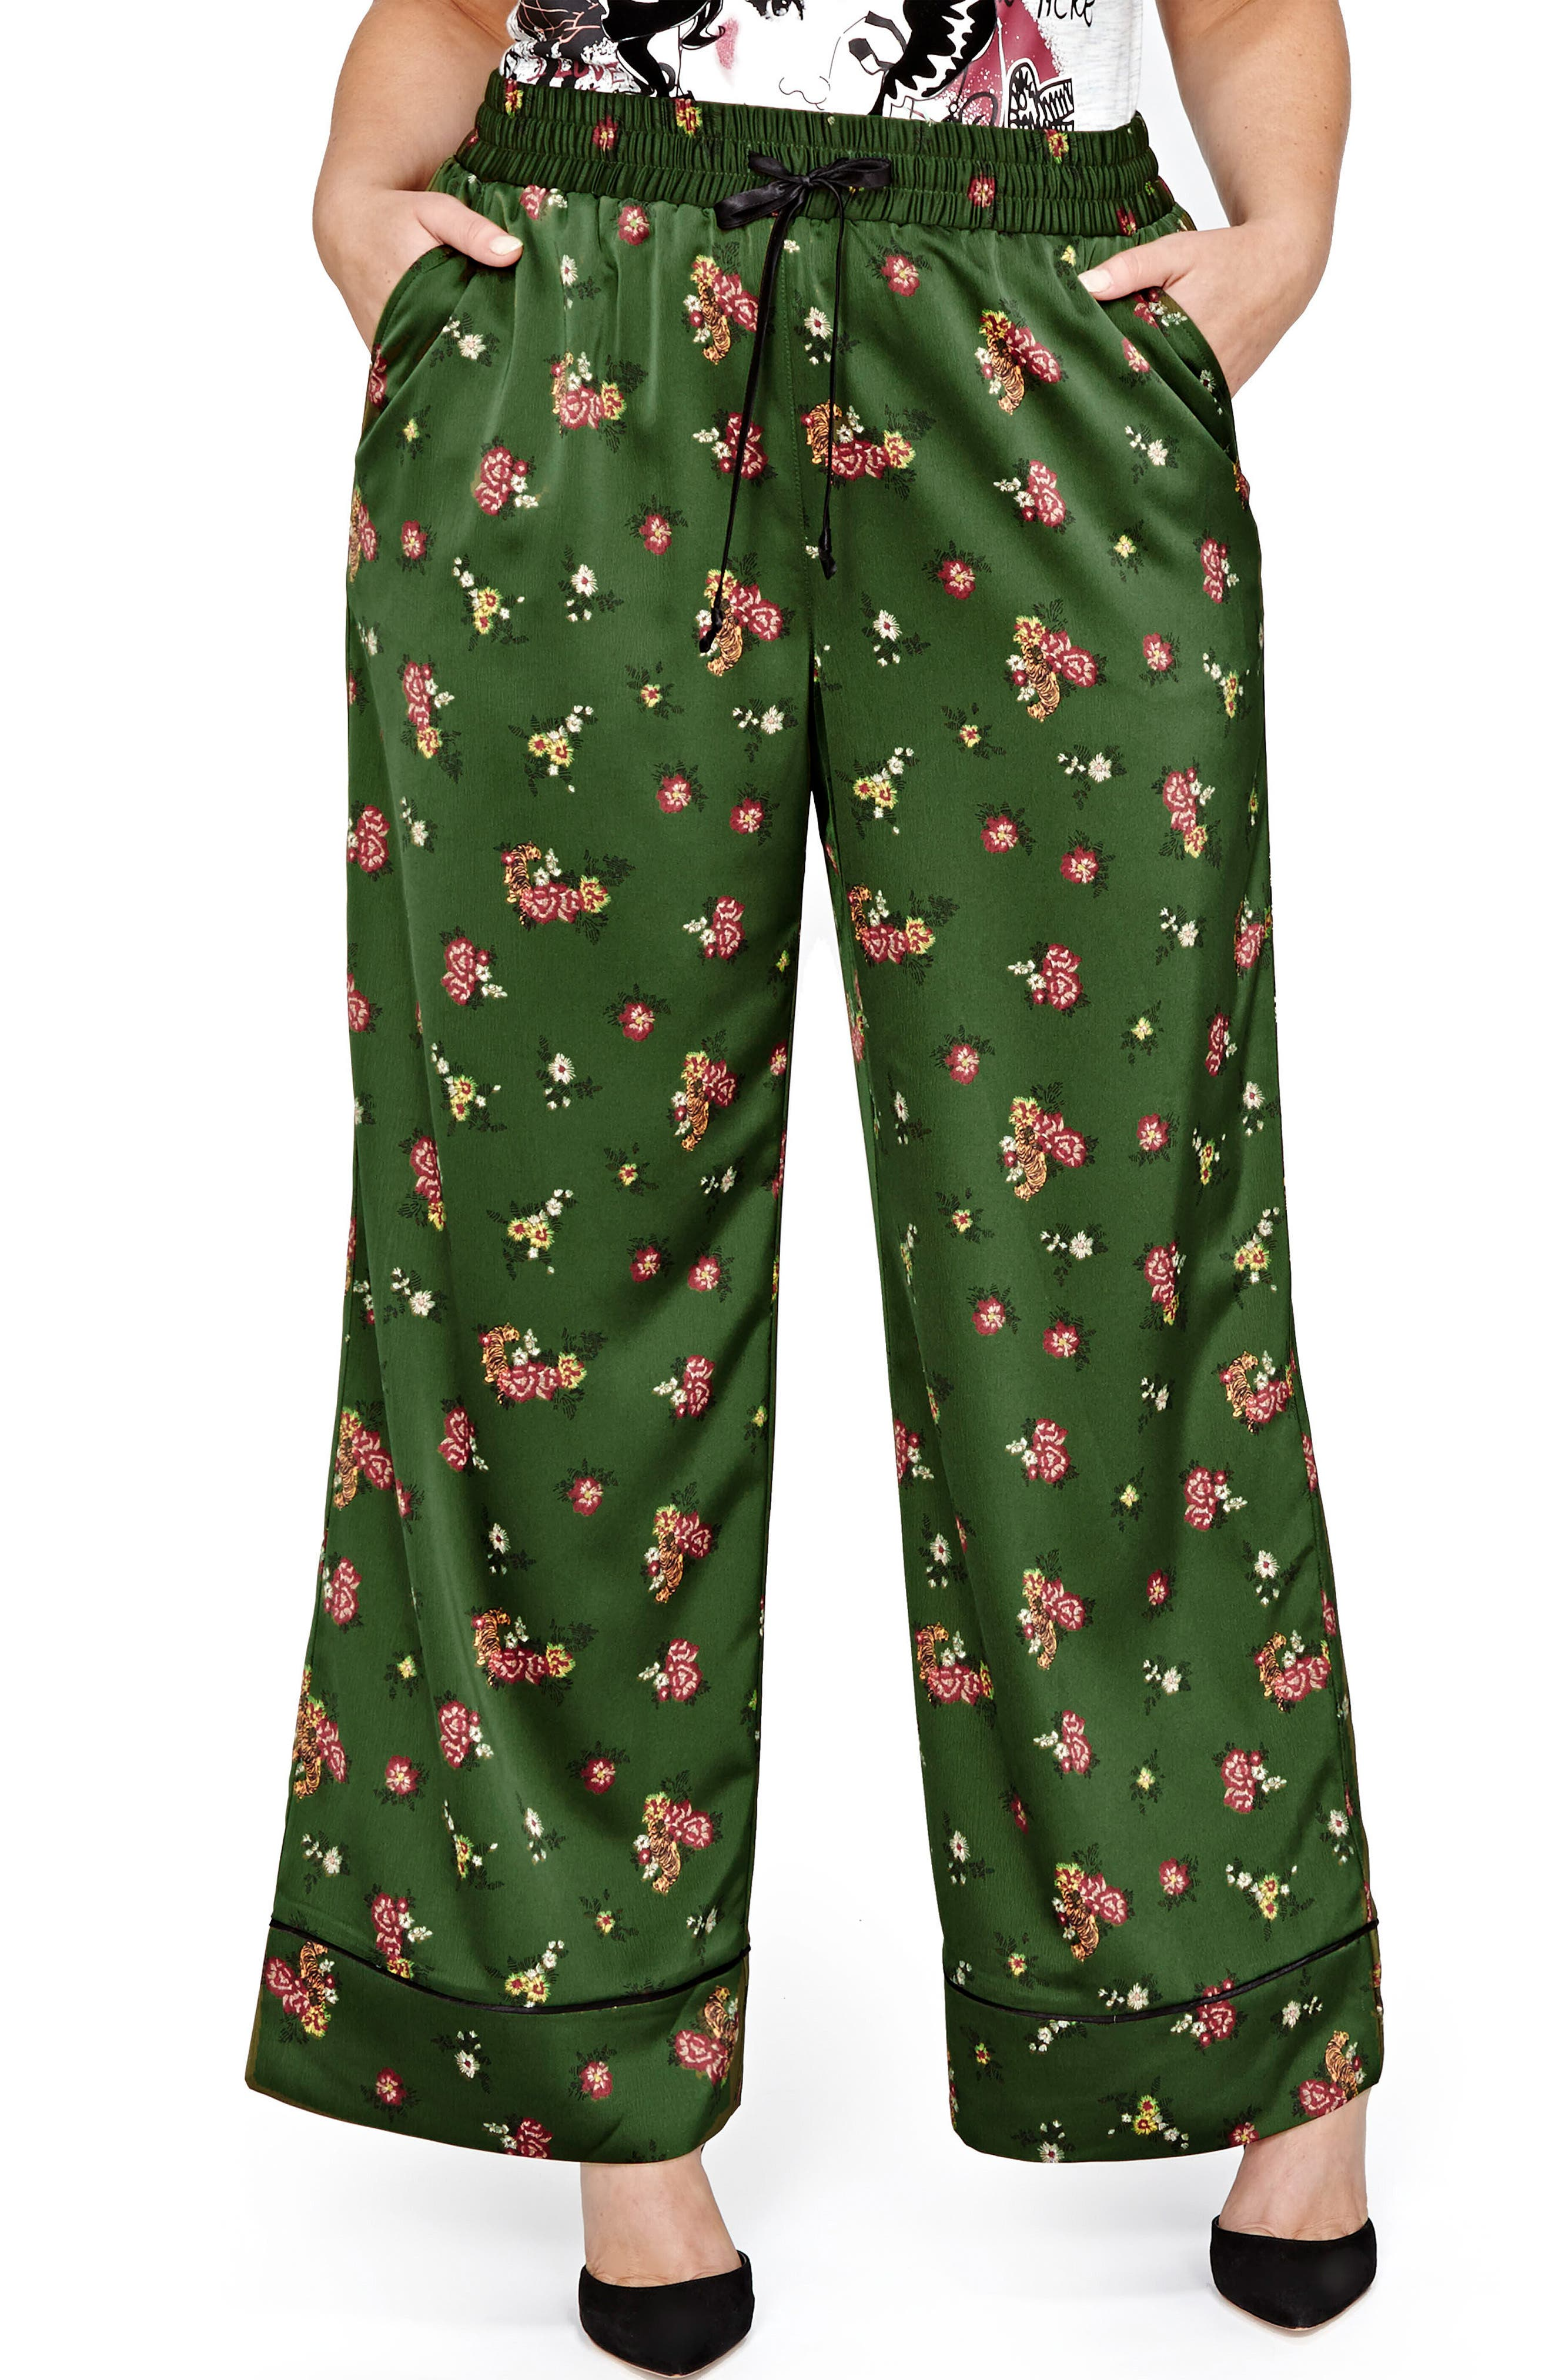 Jordyn Woods Wide-Leg Satin Pants,                         Main,                         color, Deep Khaki Floral Aop